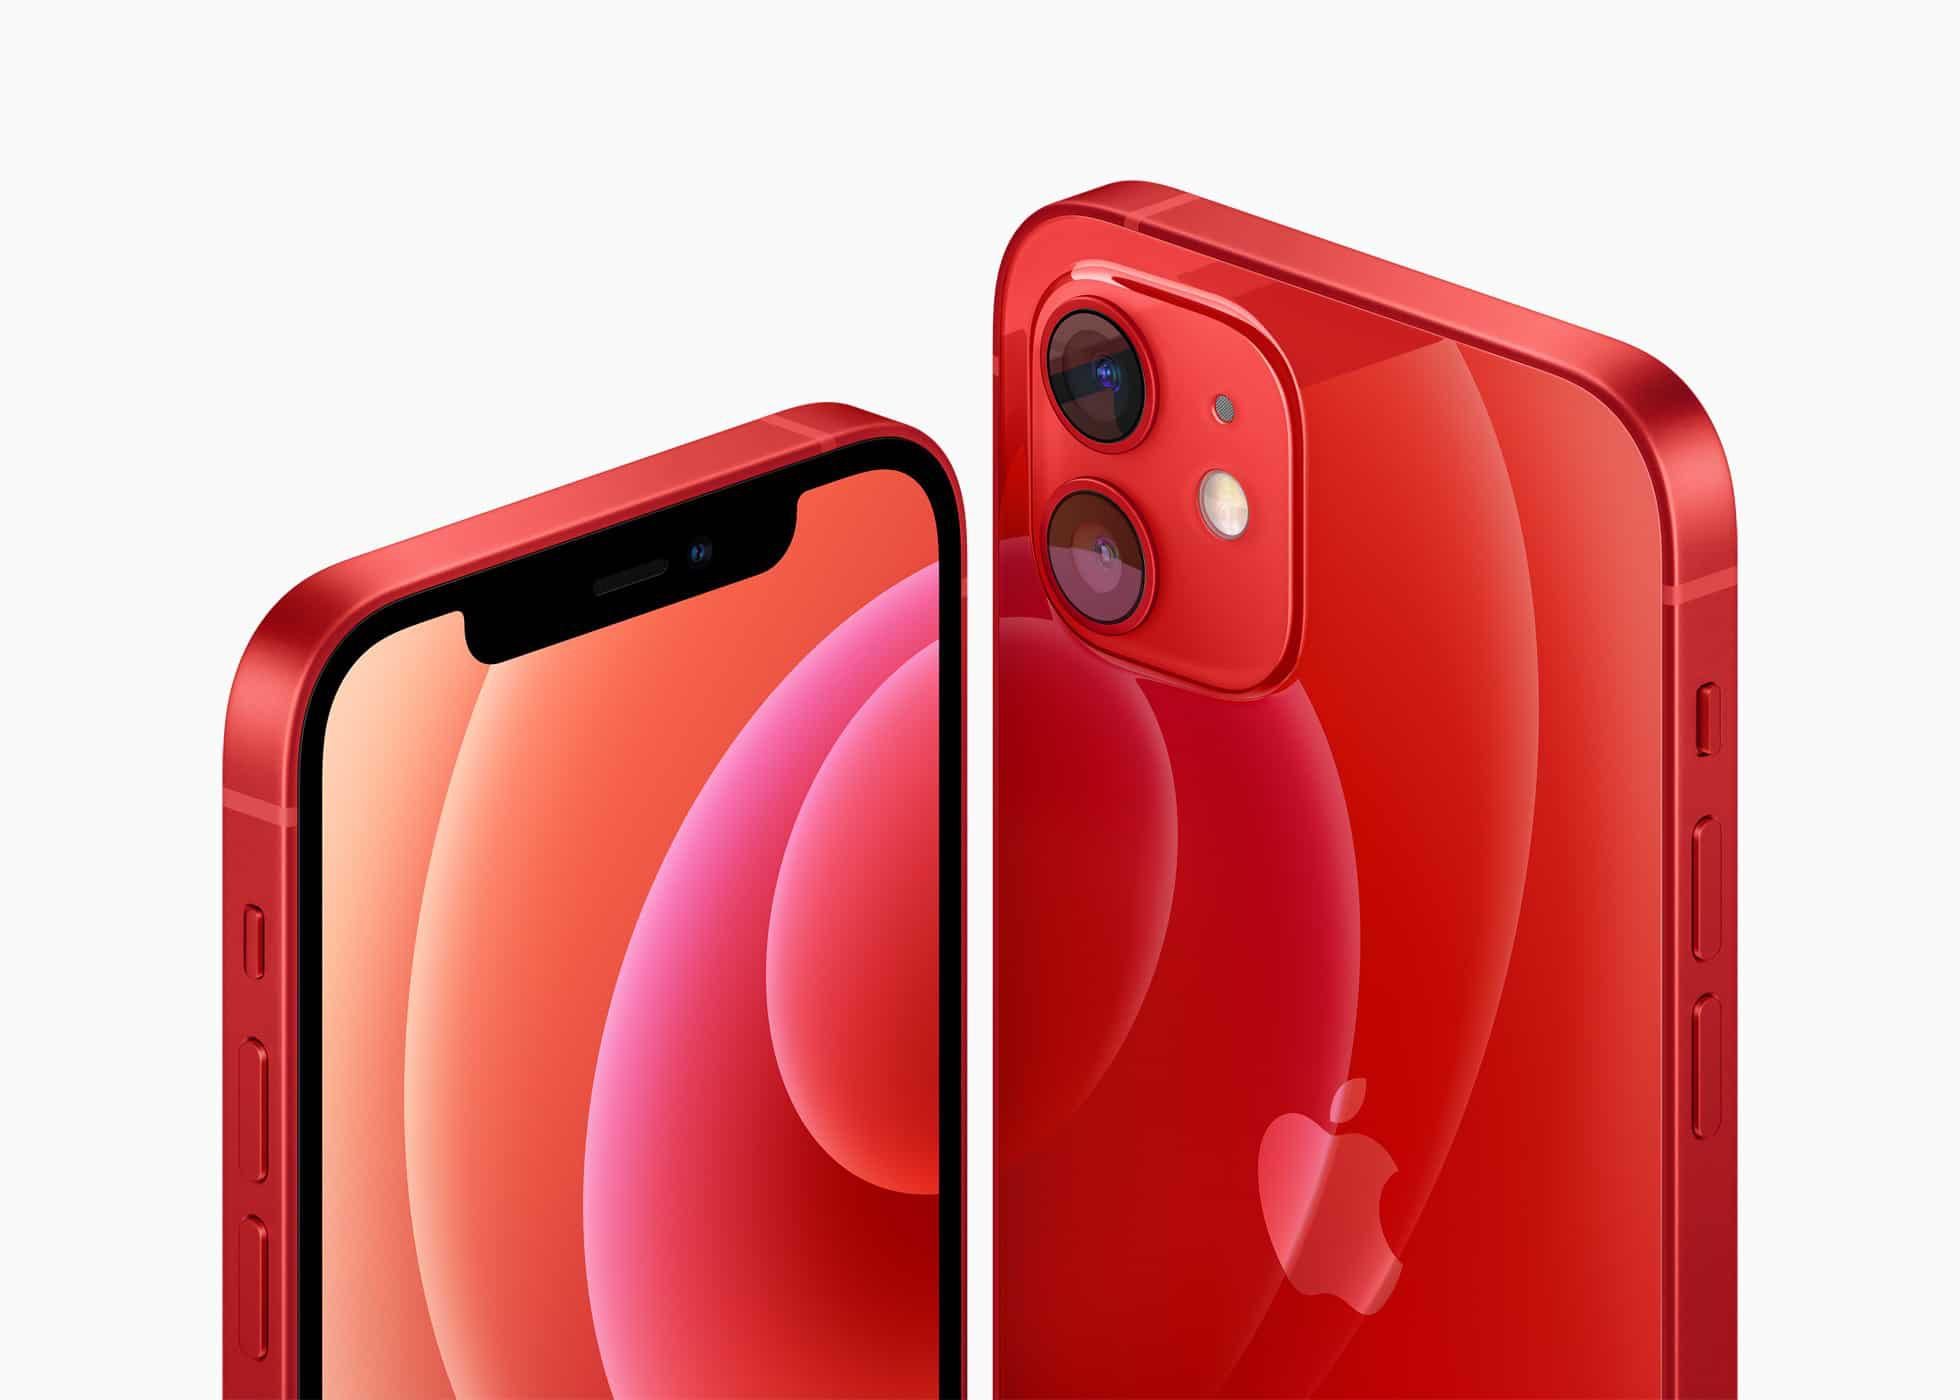 Đang dùng iPhone X có nên nâng cấp lên iPhone 12? - Ảnh 3.